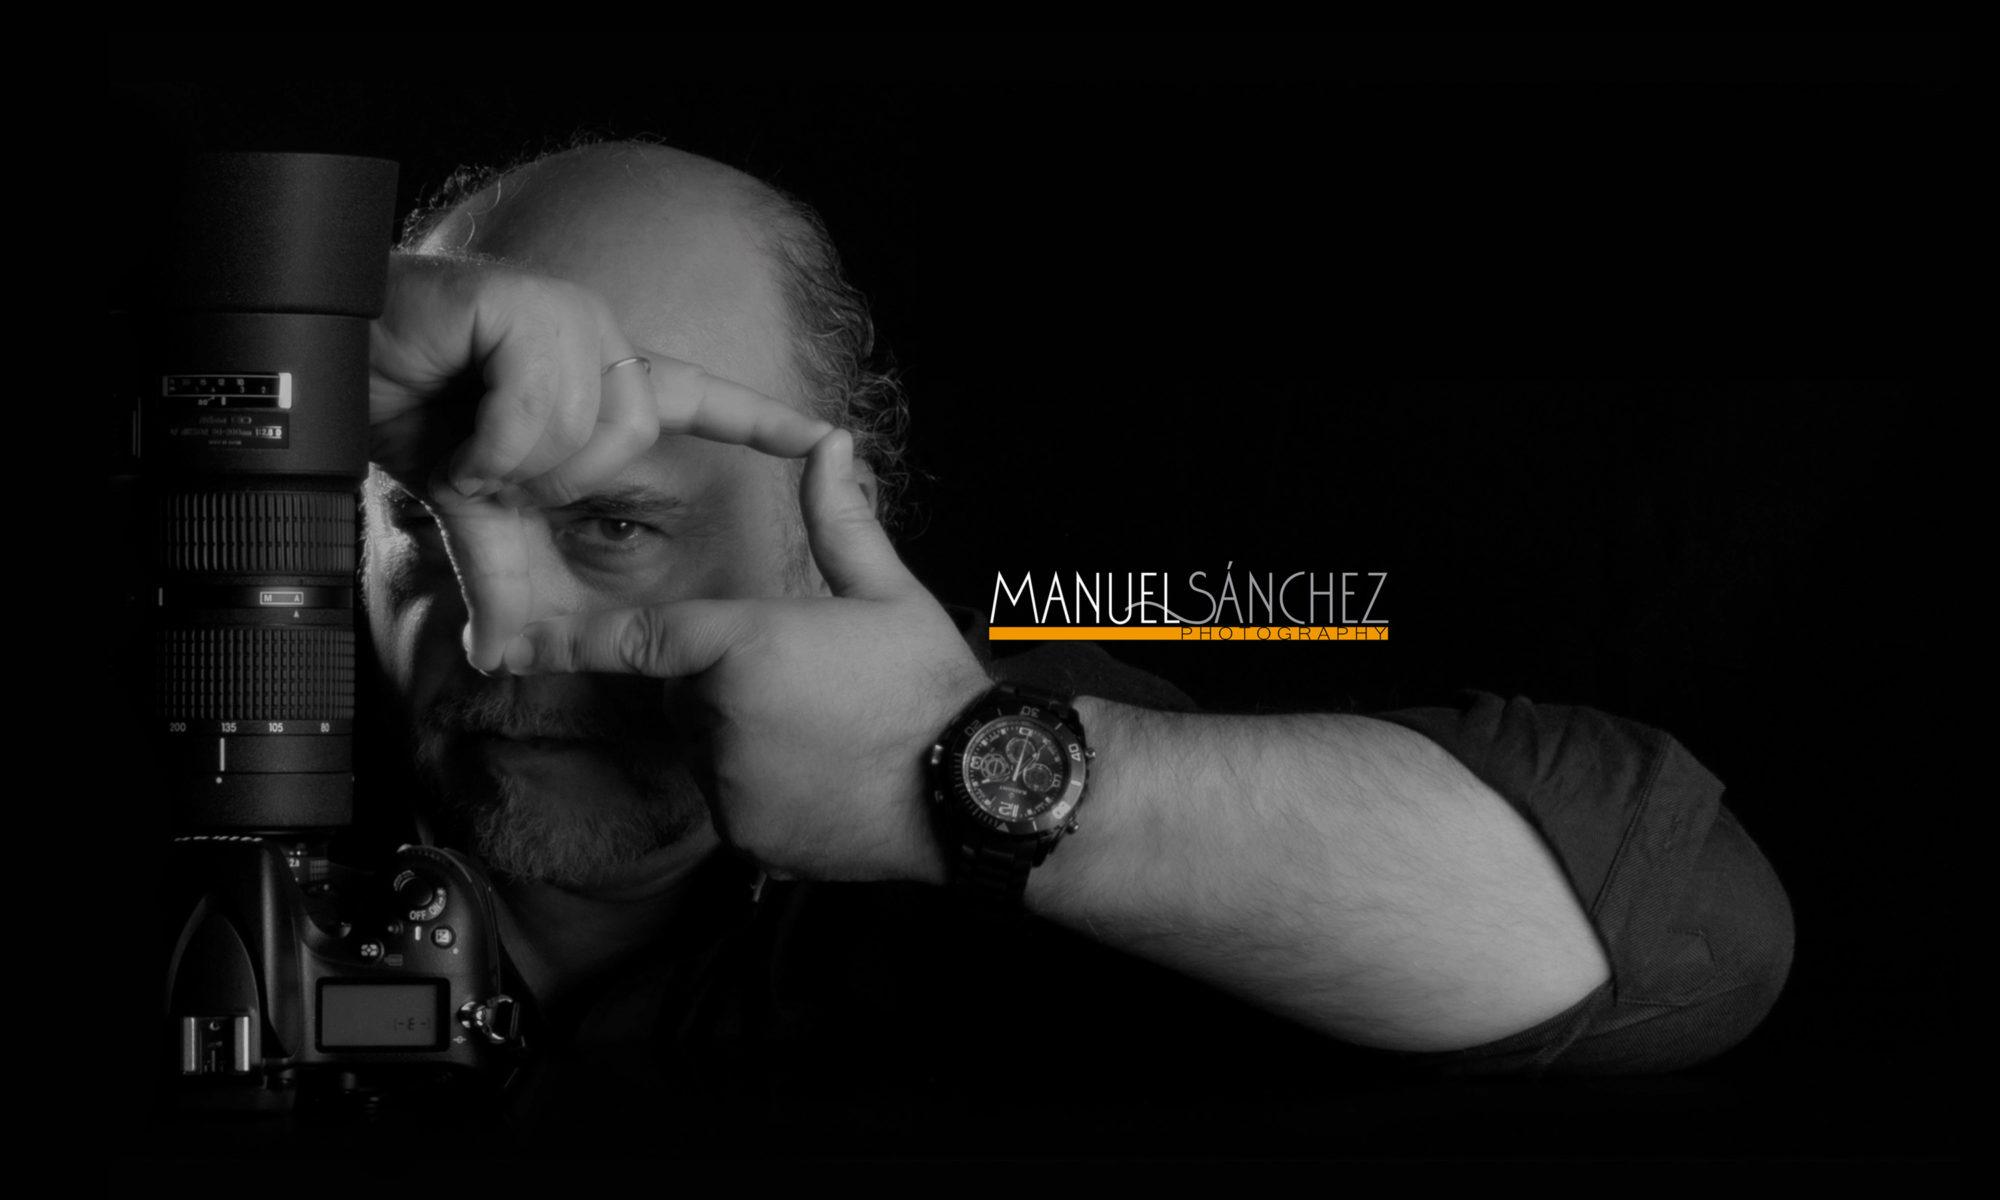 Manuel Sánchez Photography